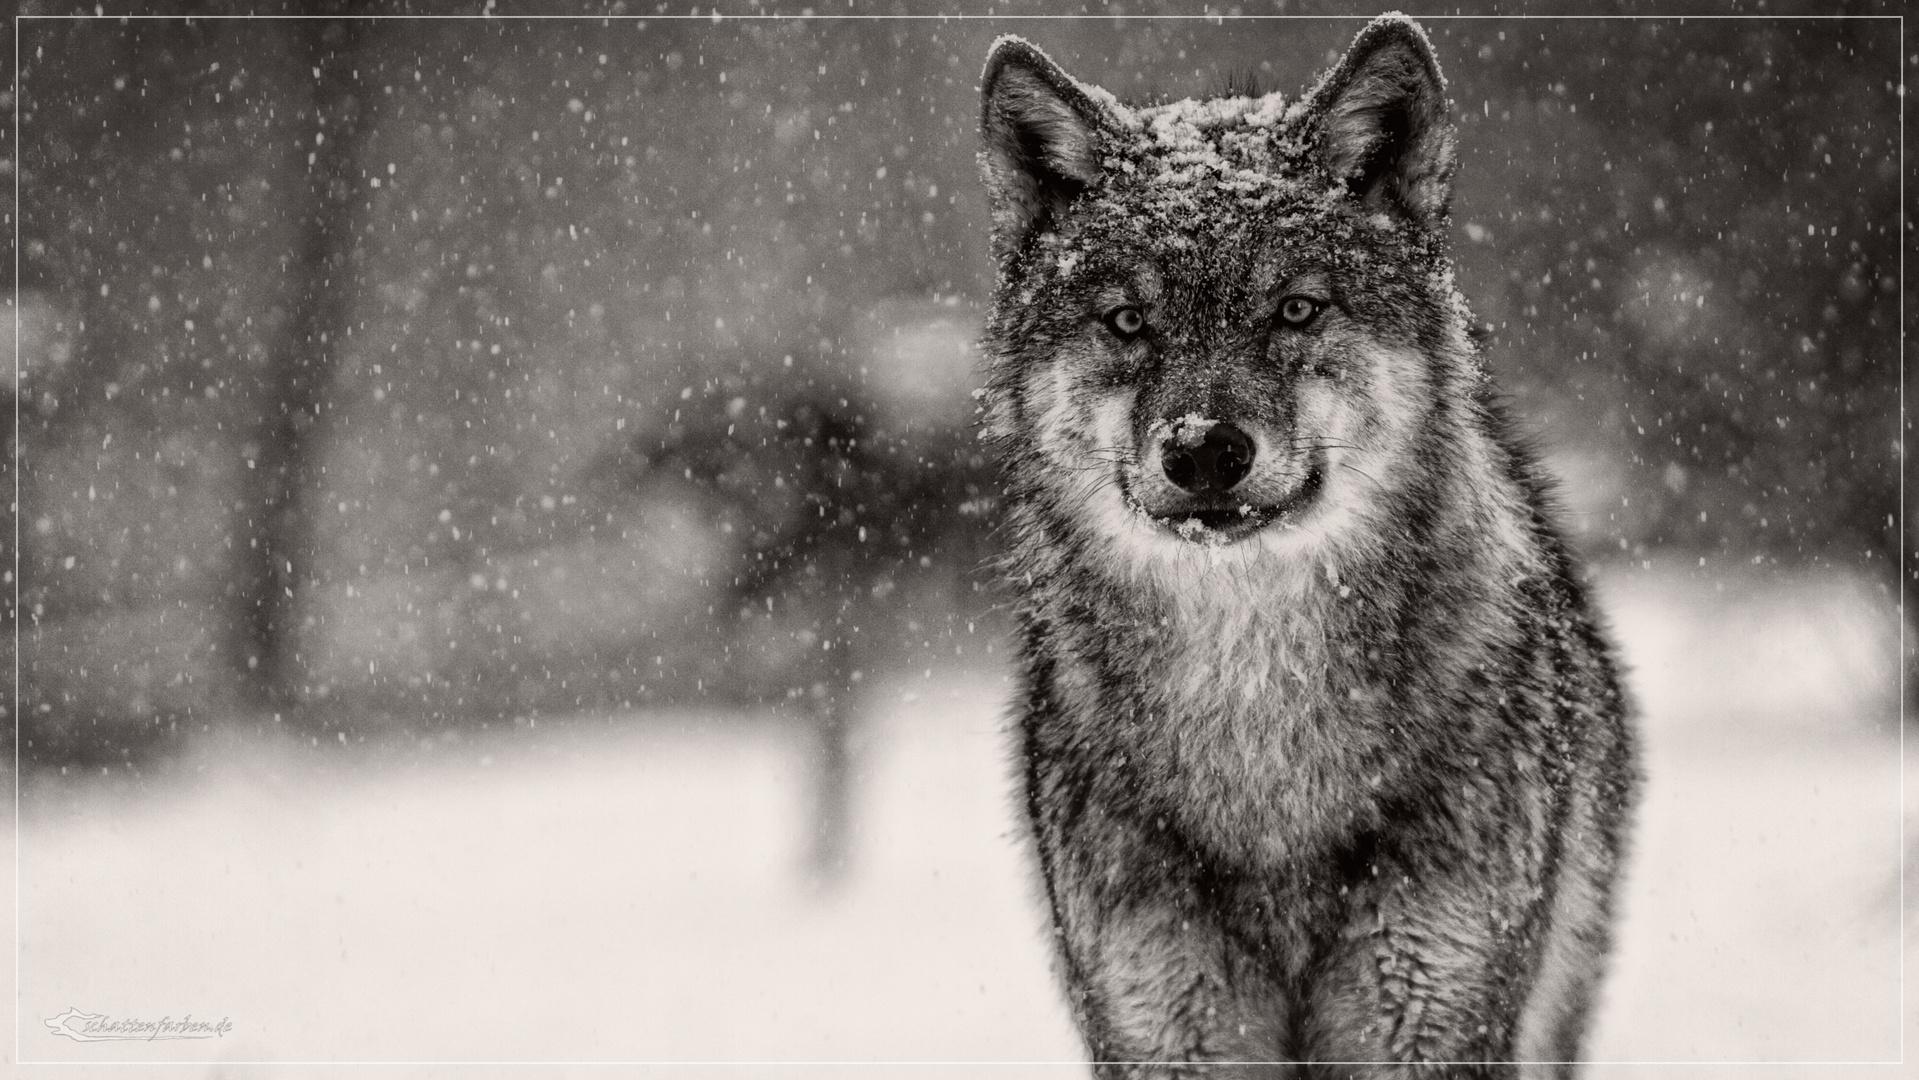 Wolf Bilder Im Winter - Kostenlos zum Ausdrucken